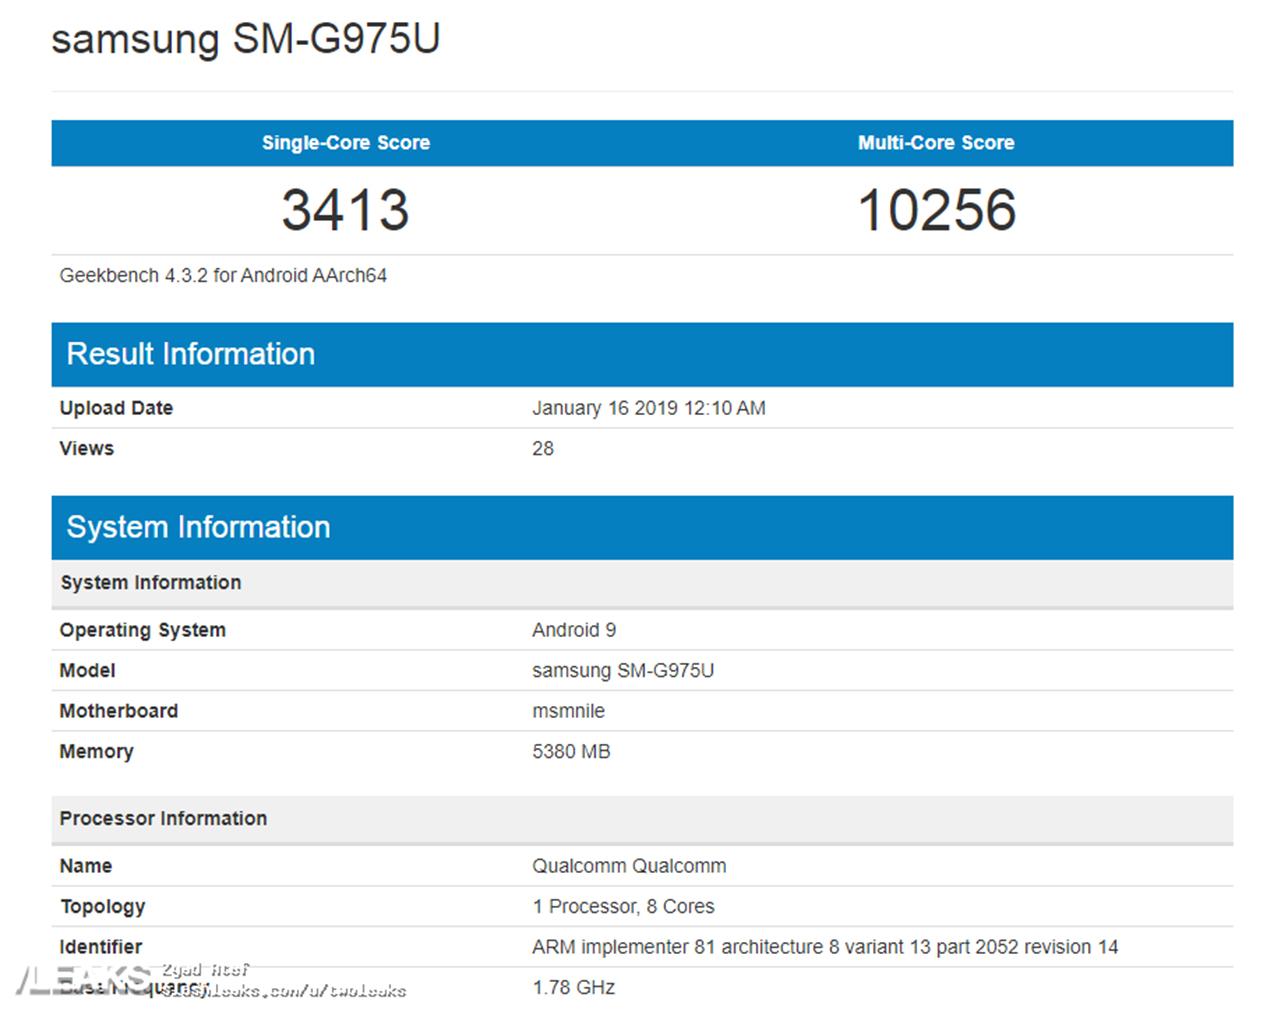 Samsung Galaxy S10+ benchmark